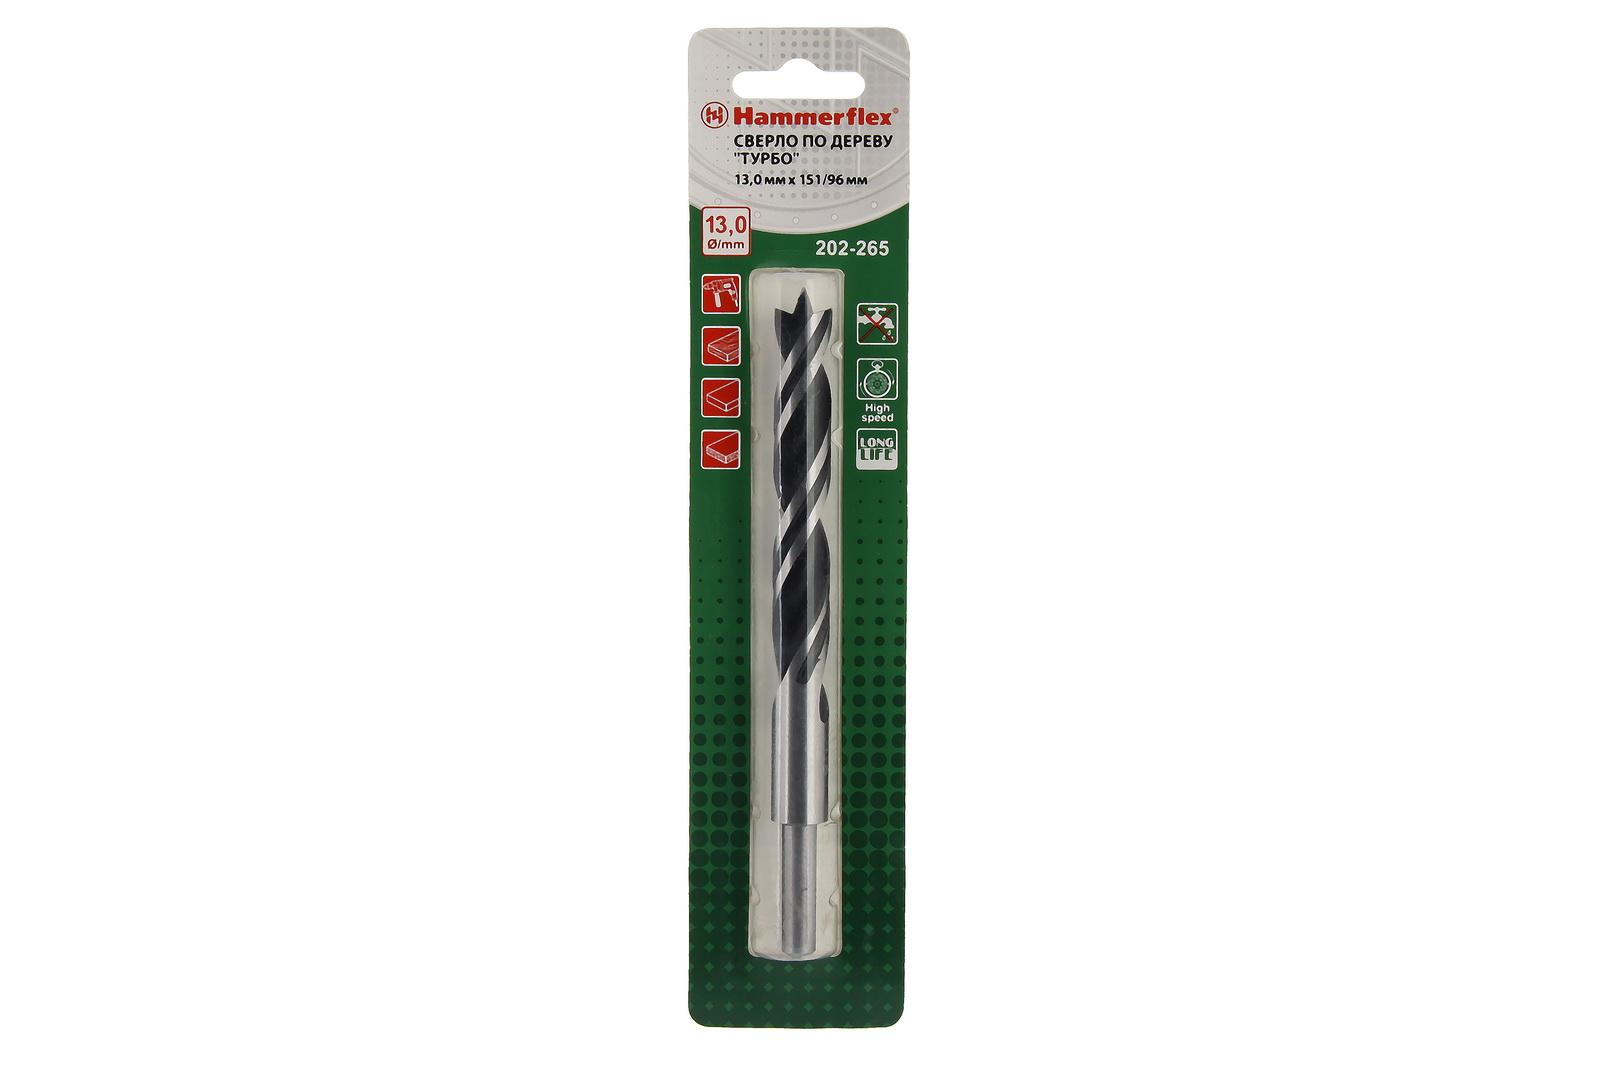 цена Сверло по дереву Hammer 202-265 dr wd dbl flute 13,0мм*151/96мм